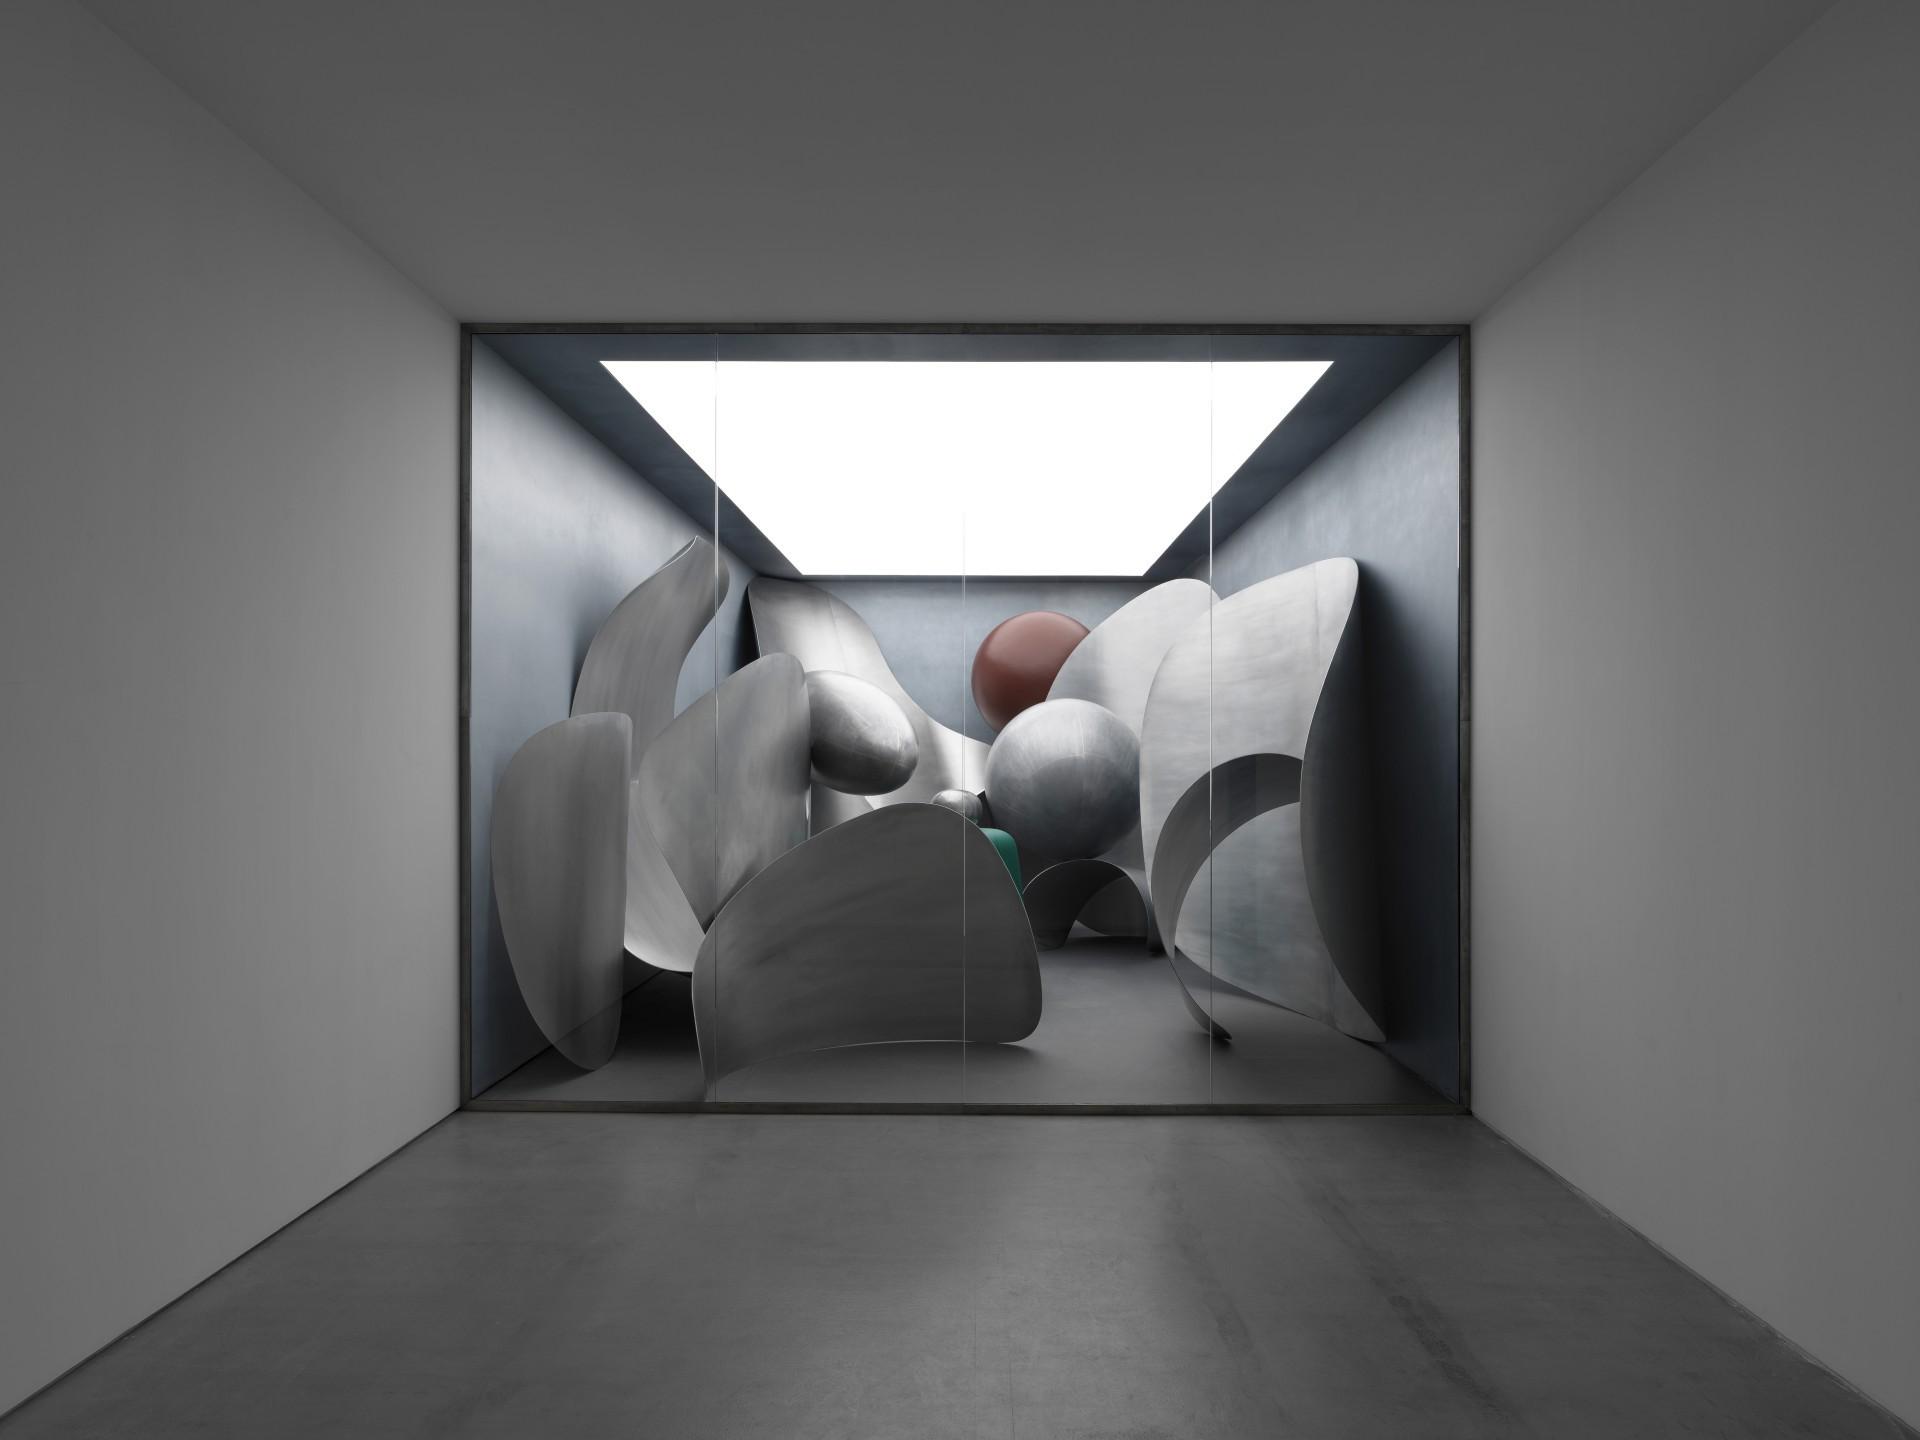 die 58. Internationale Kunstbiennale